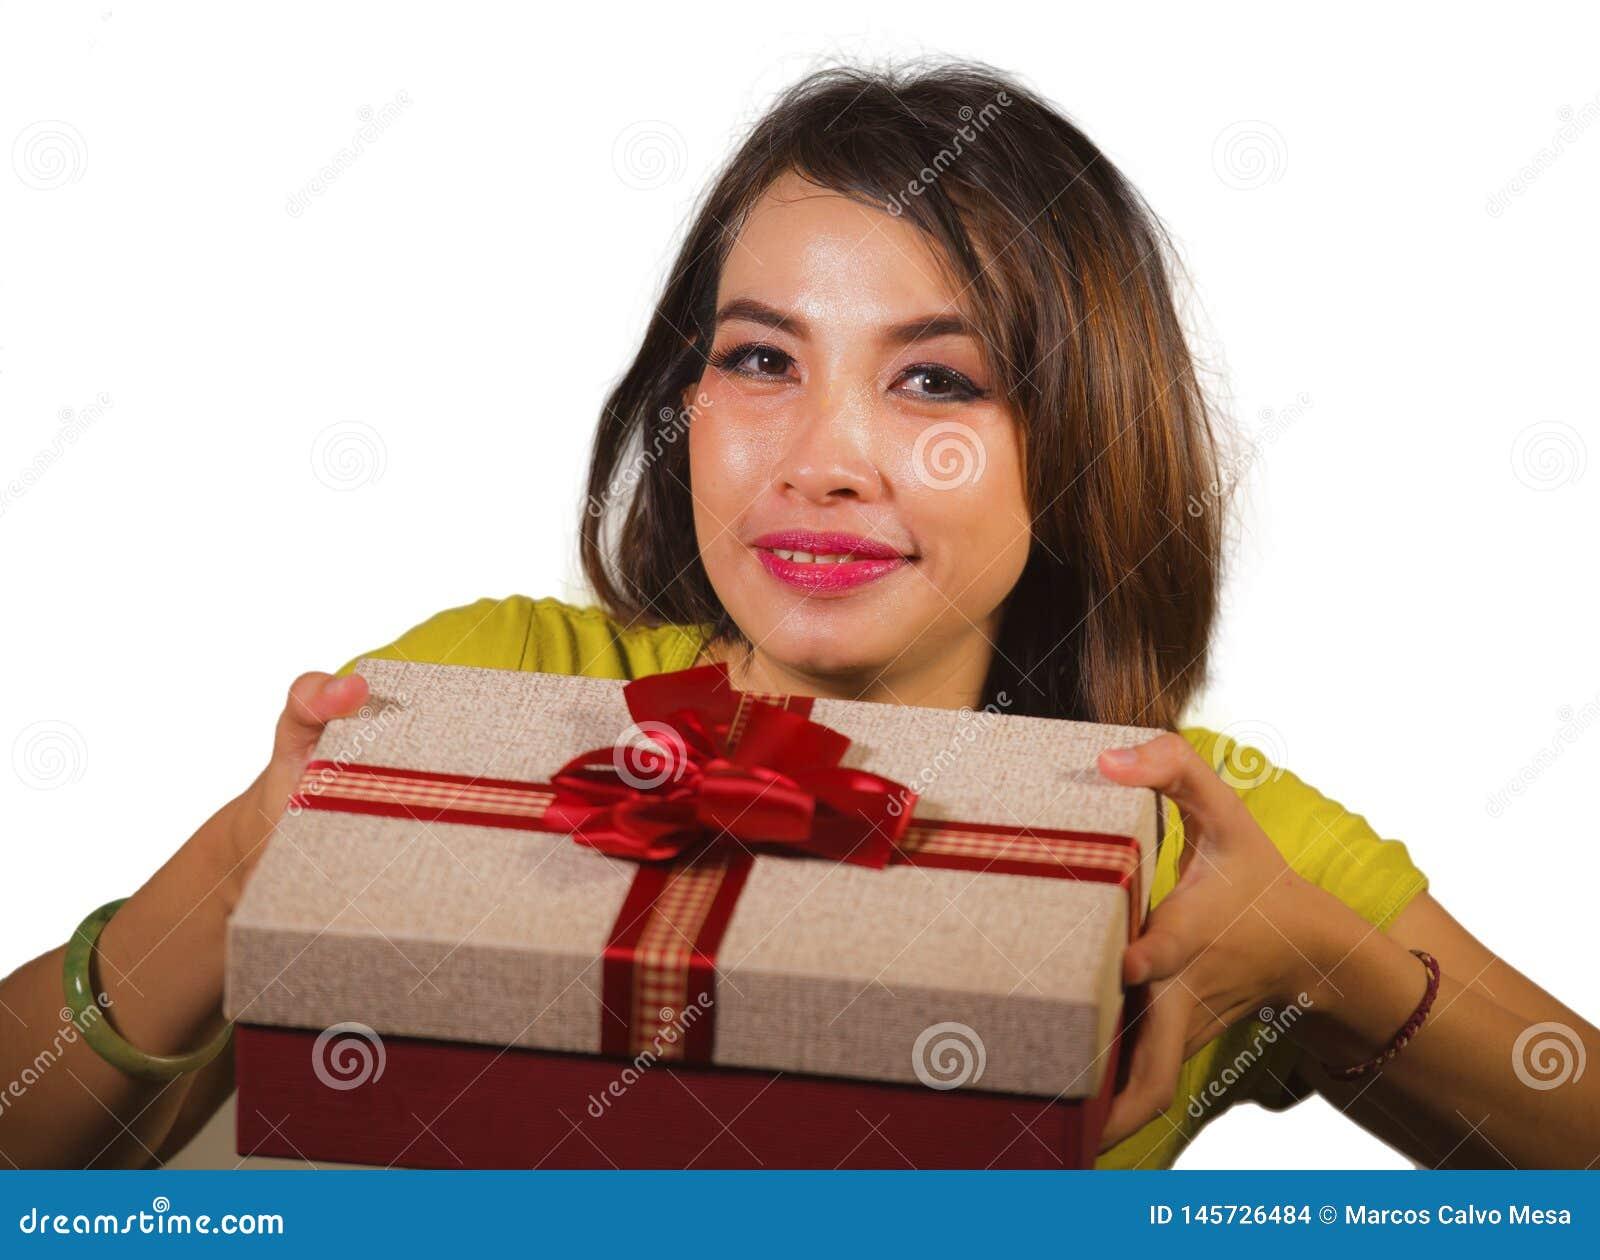 Portr?t der jungen gl?cklichen und sch?nen asiatischen indonesischen Frau, die Weihnachtsgeschenk- oder Geburtstagsgeschenkbox mi